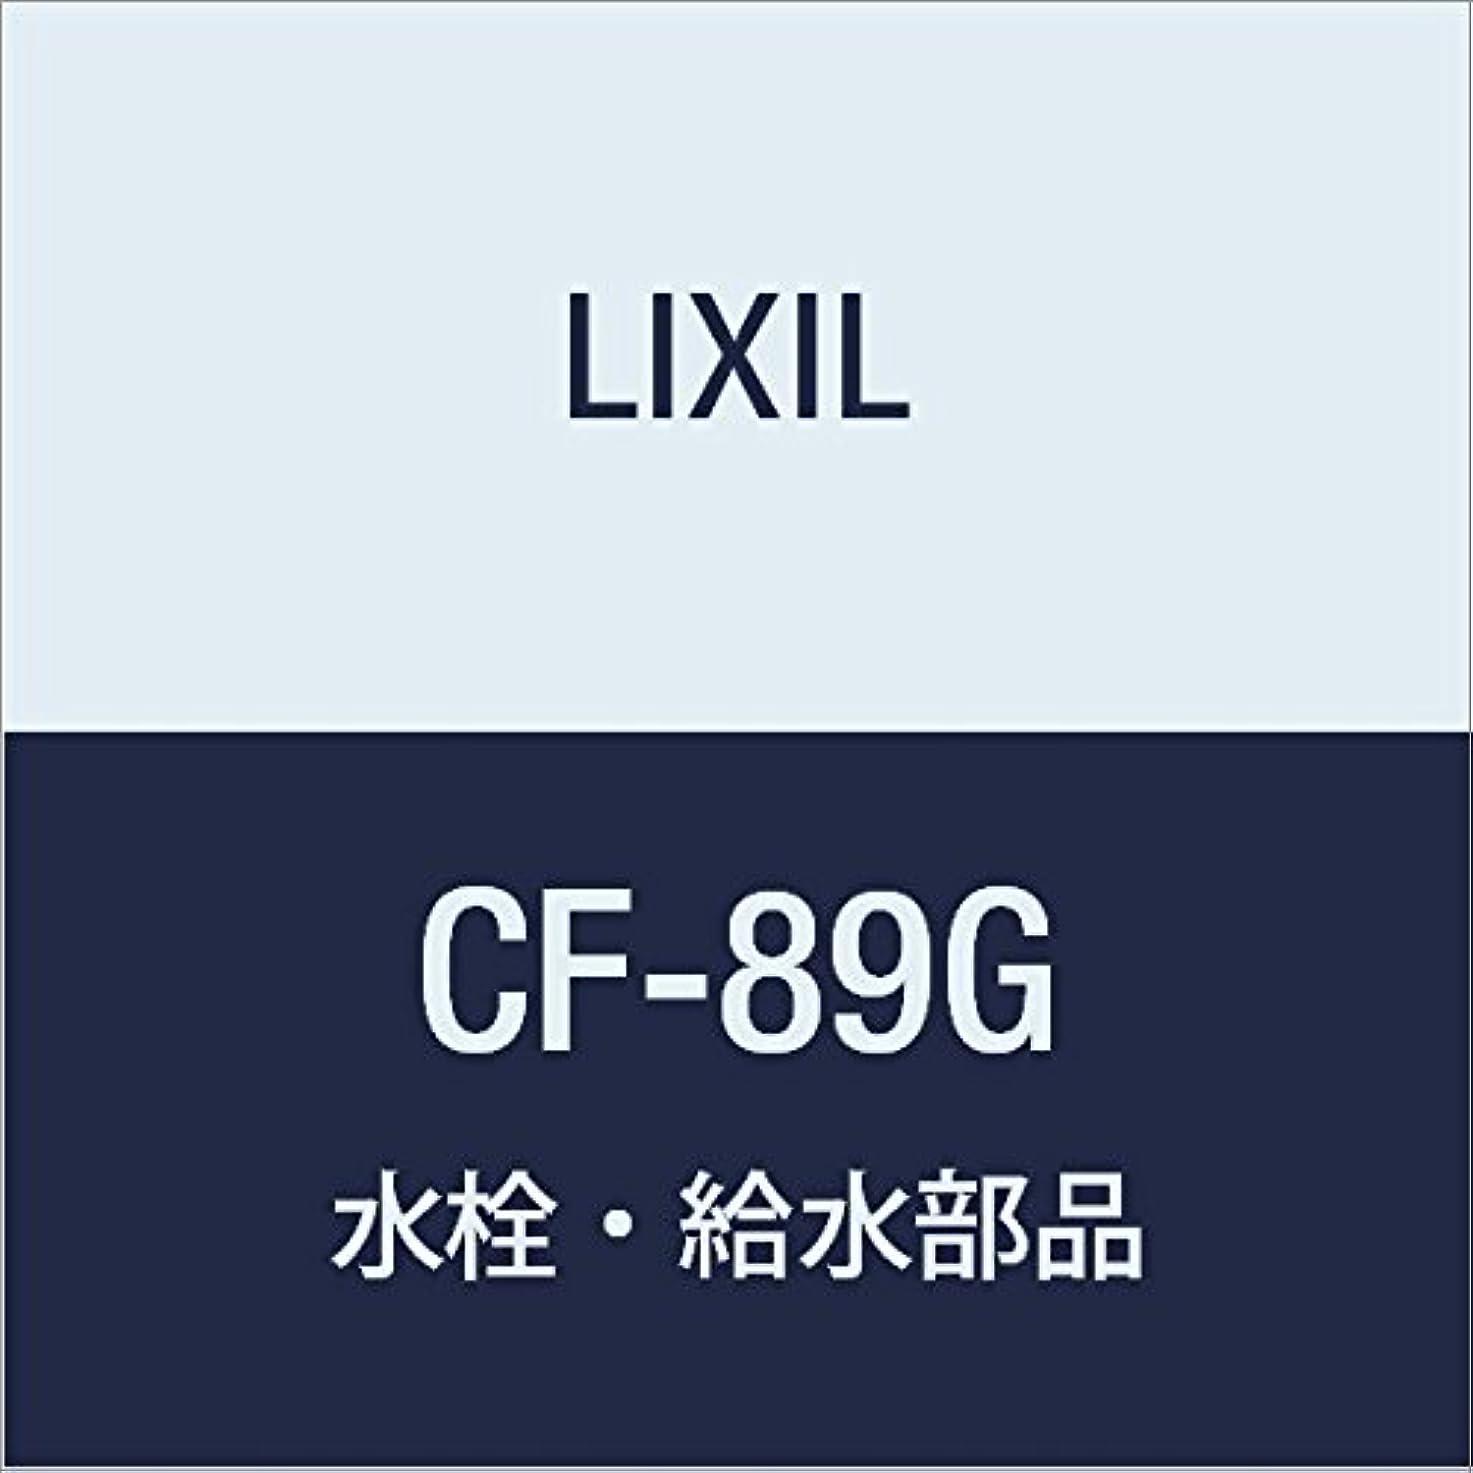 ばかげている化石バインドLIXIL(リクシル) INAX 排水ゴムジョイント CF-89G